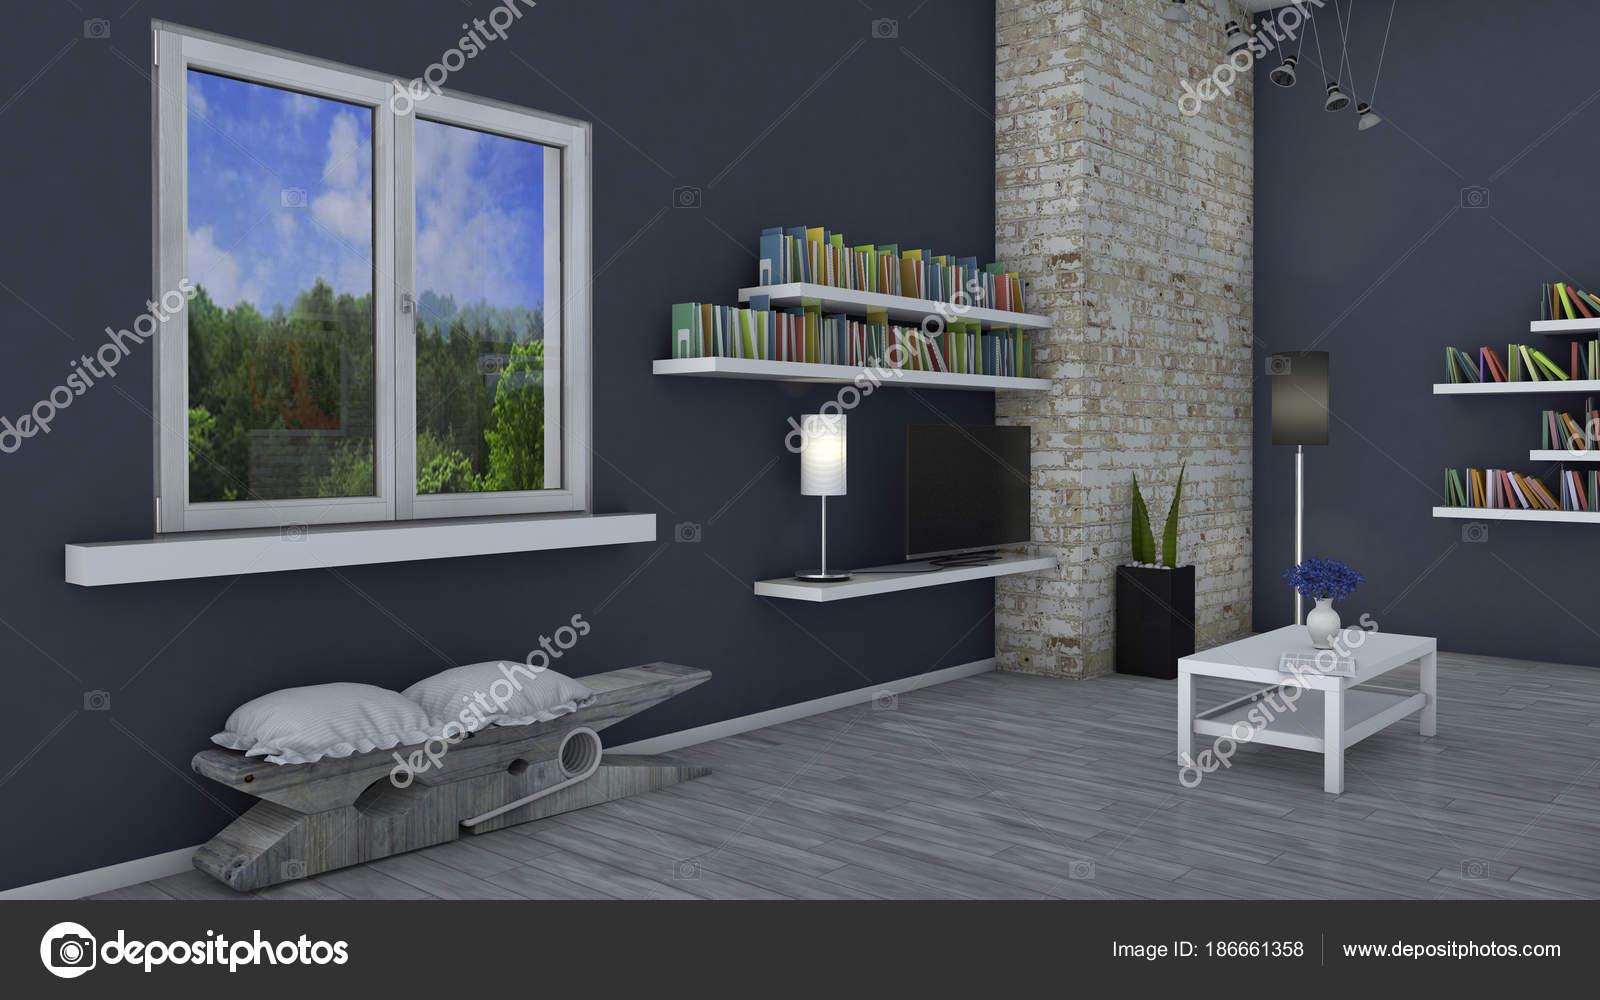 Wunderbar Innenarchitektur Wohnzimmer Und Moderne Möbel Wand Fenster Mit Blick Auf U2014  Stockfoto